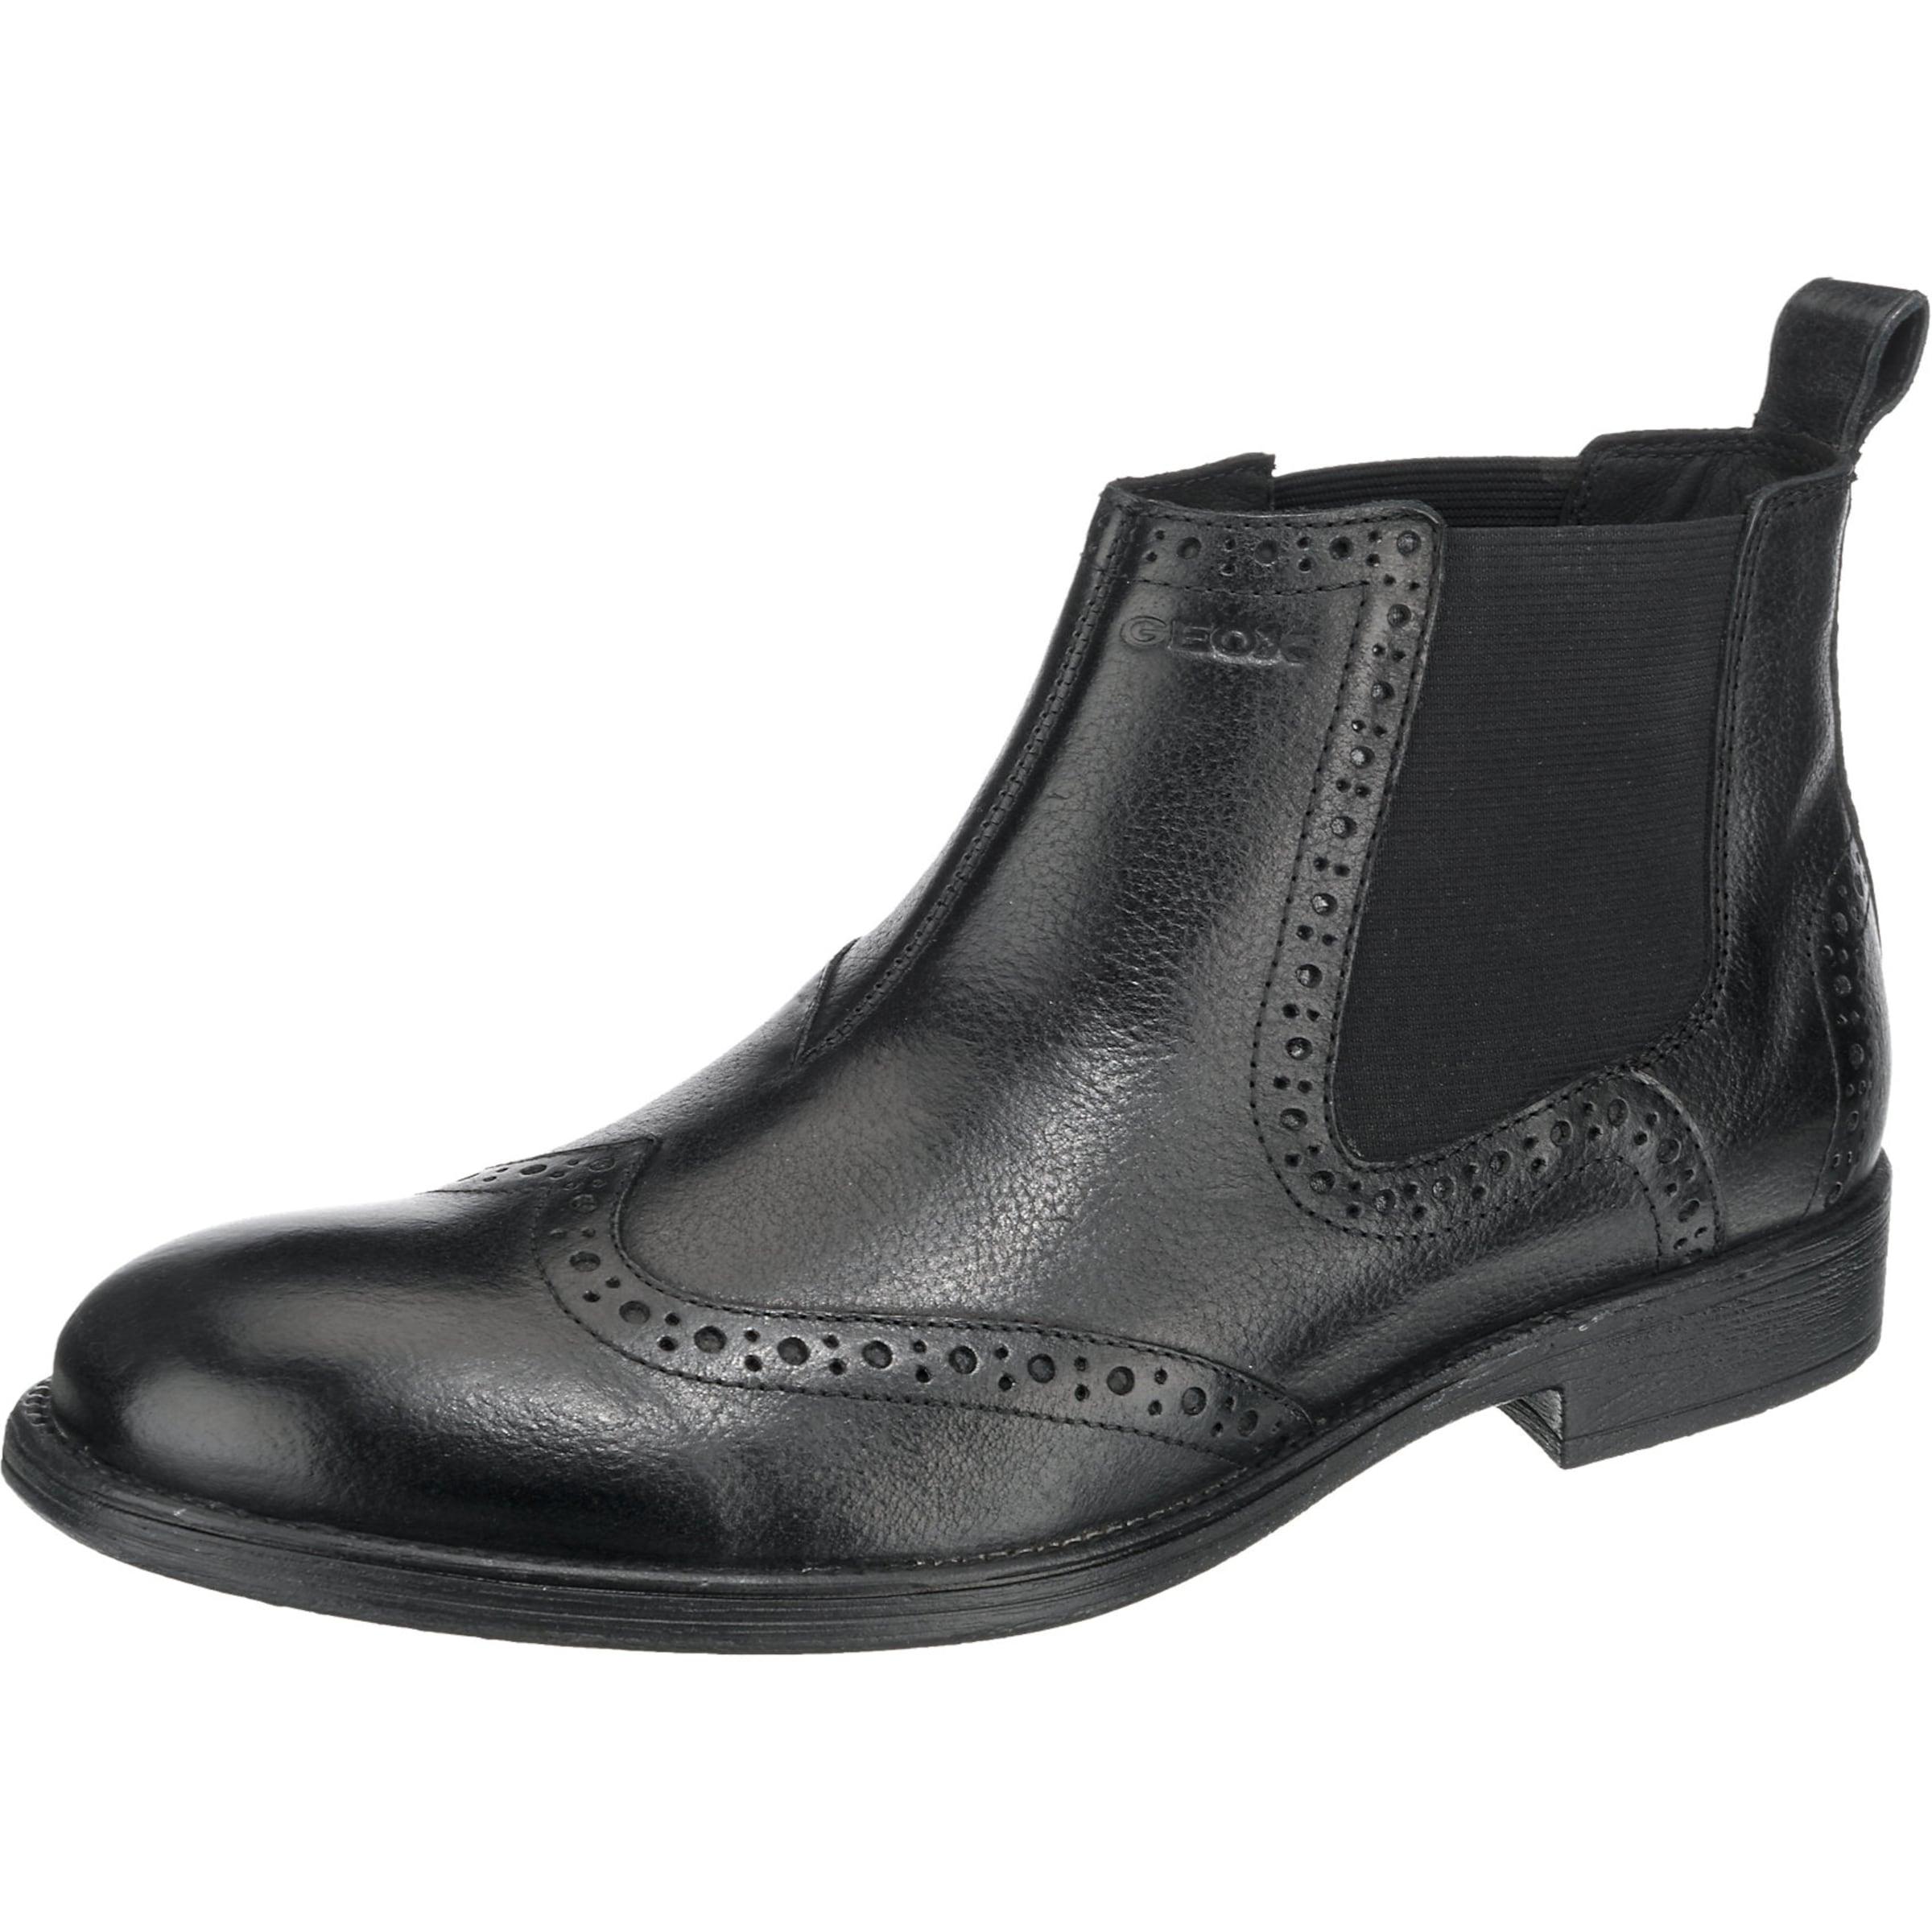 GEOX Stiefelette Jaylon Verschleißfeste billige Schuhe